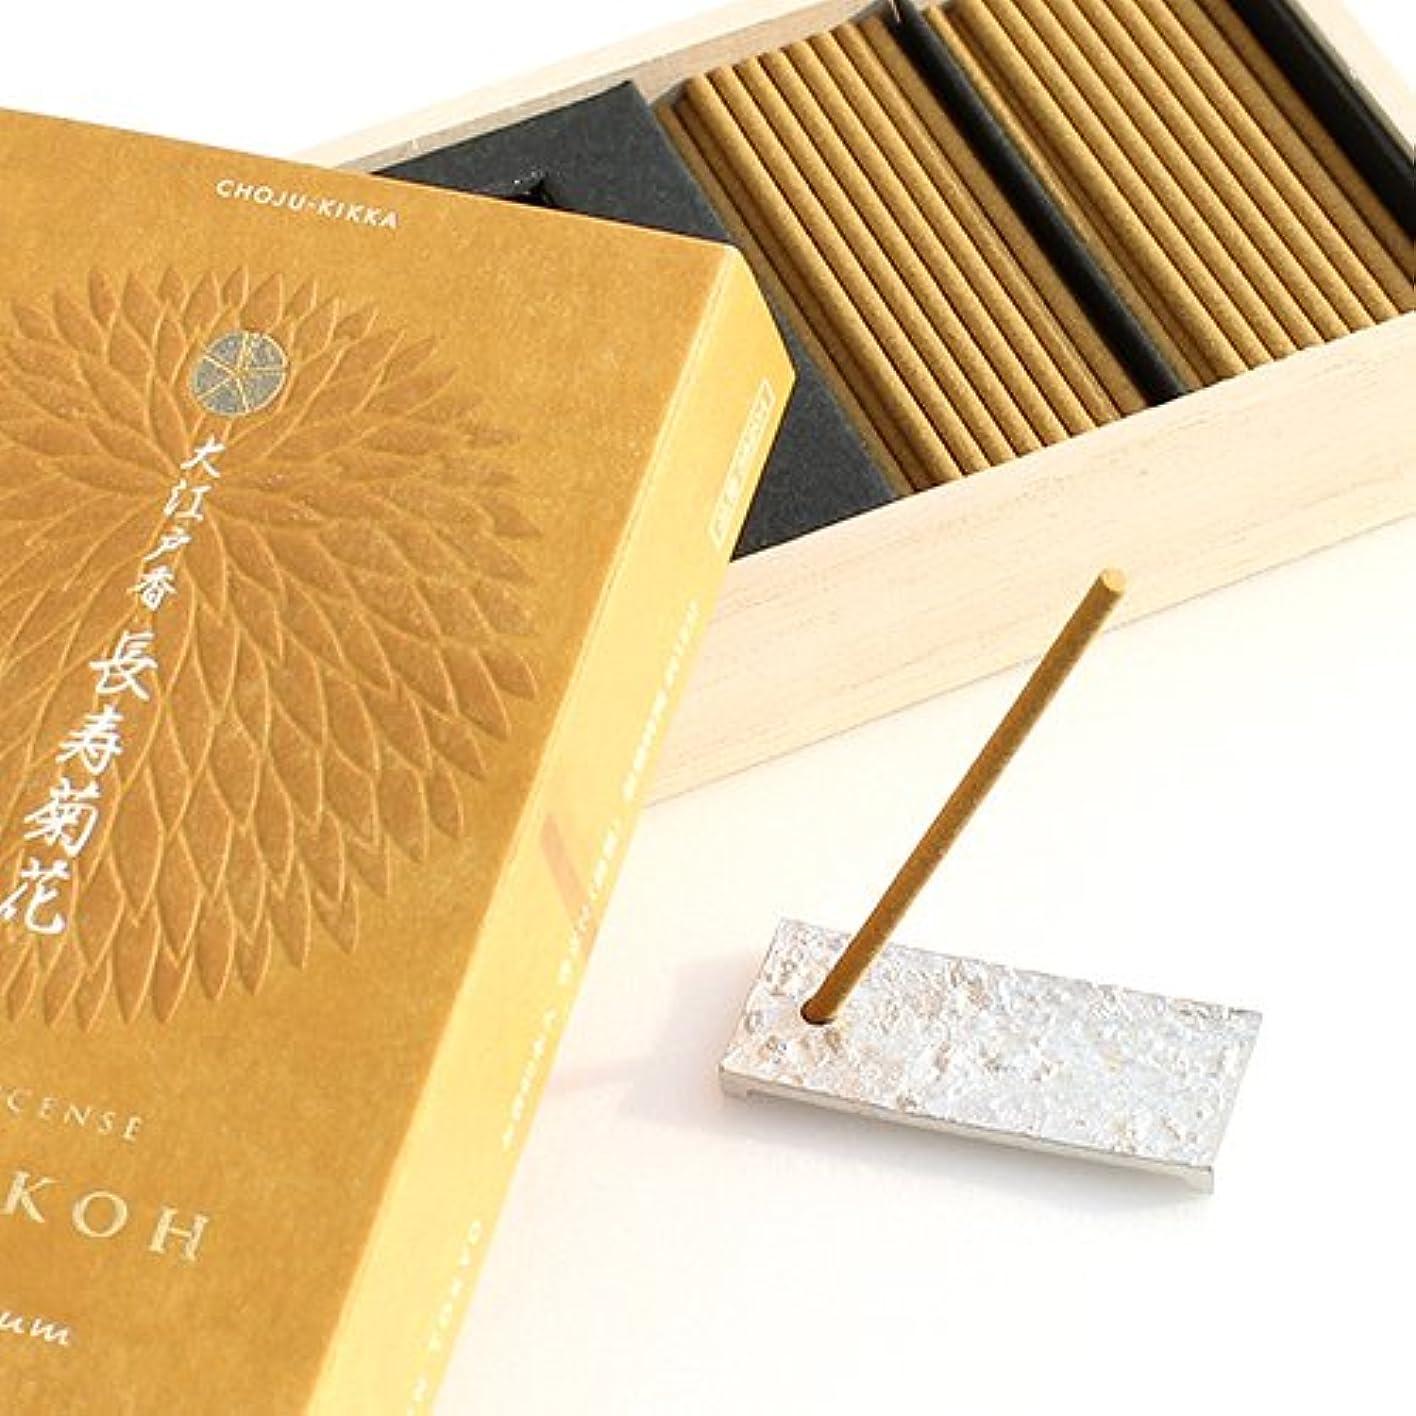 【日本香堂】お香 大江戸香 長寿菊花(ちょうじゅきっか) お香スティック60本 香立て付(錫製)